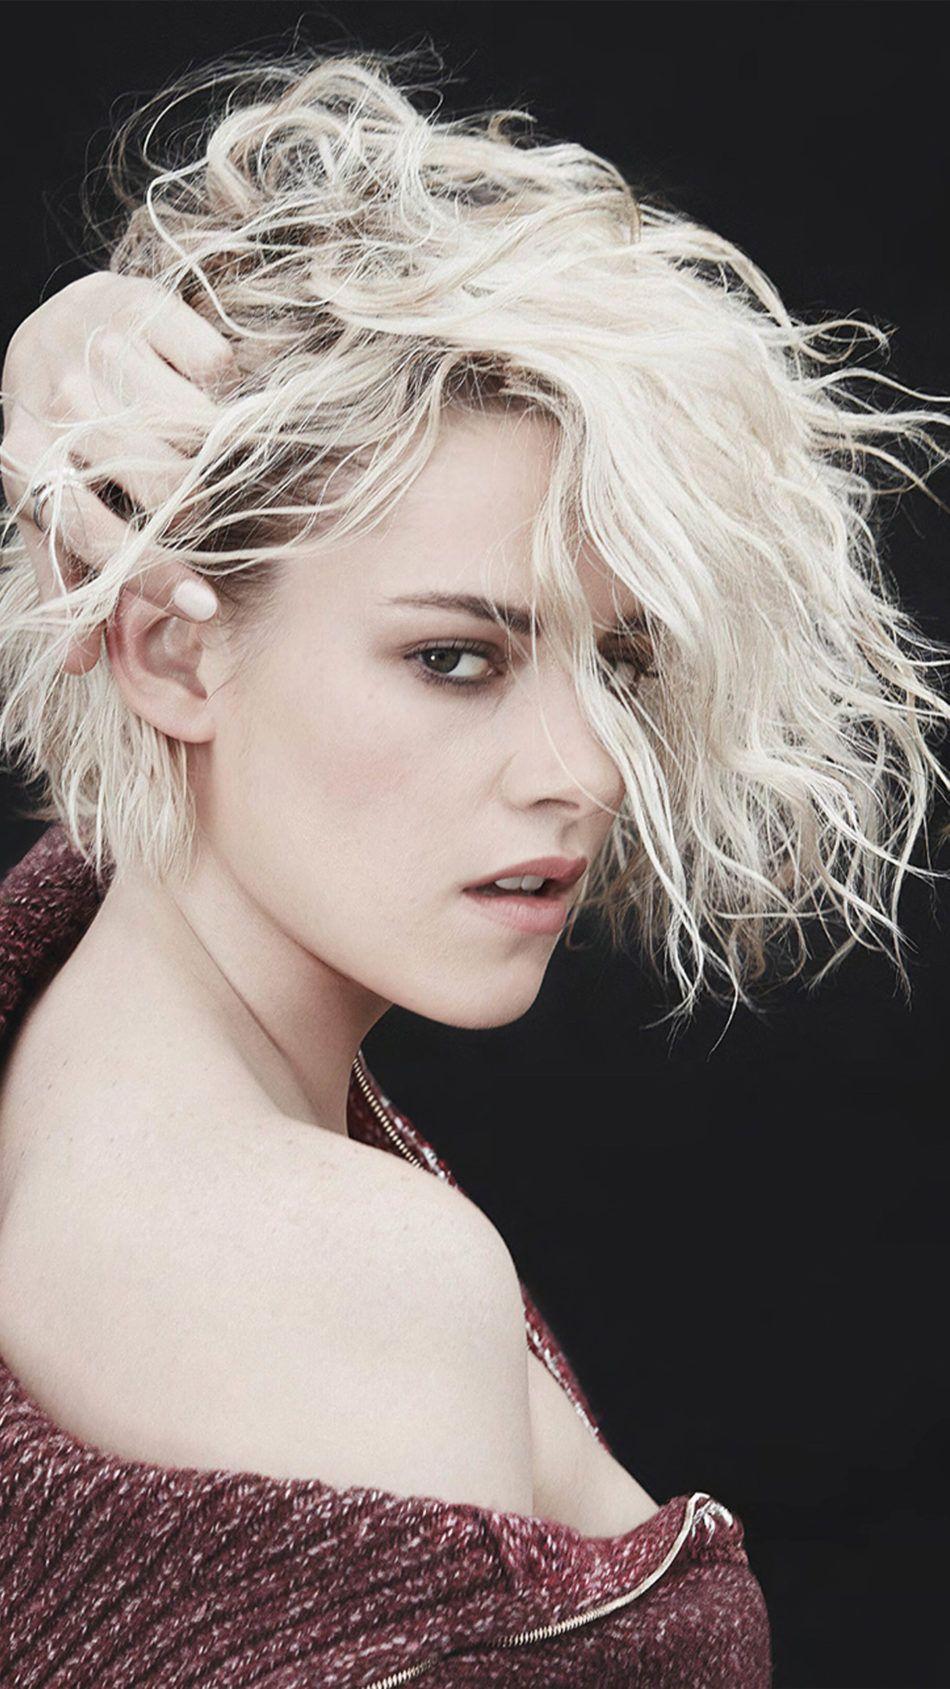 Beautiful Kristen Stewart 2020 4k Ultra Hd Mobile Wallpaper In 2021 Kristen Stewart Hair Kristen Stewart Short Hair Kristen Stewart Actress